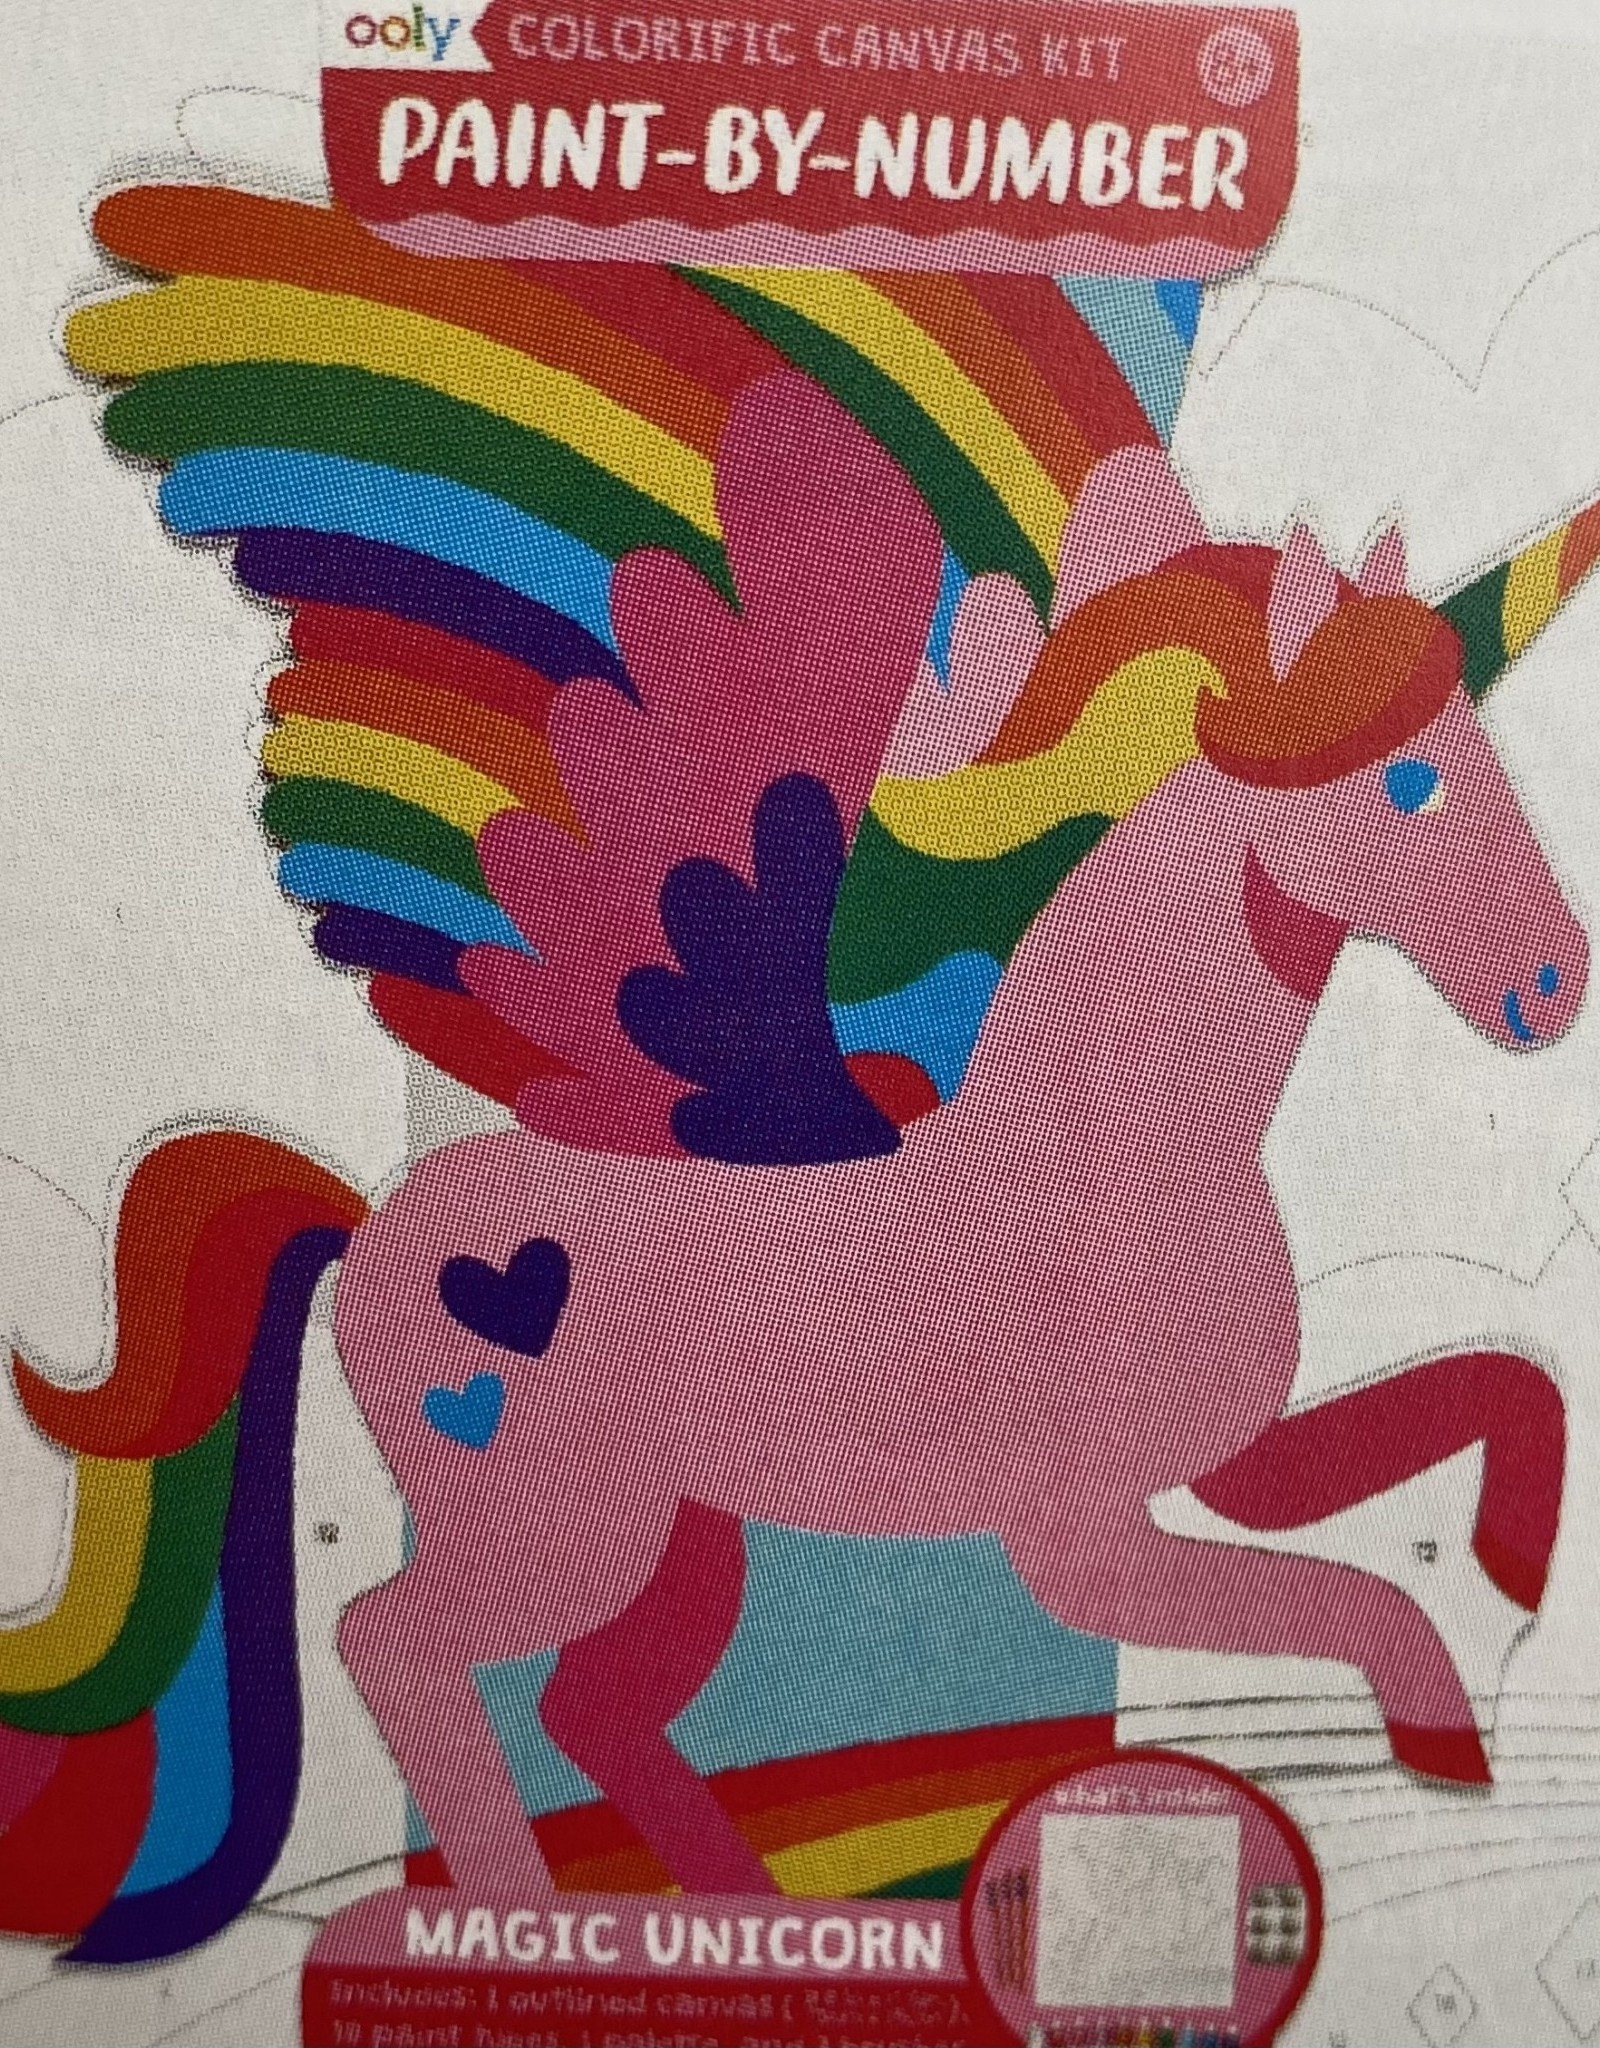 Colorific Canvas Kit Paint by Number - Magic Unicorn